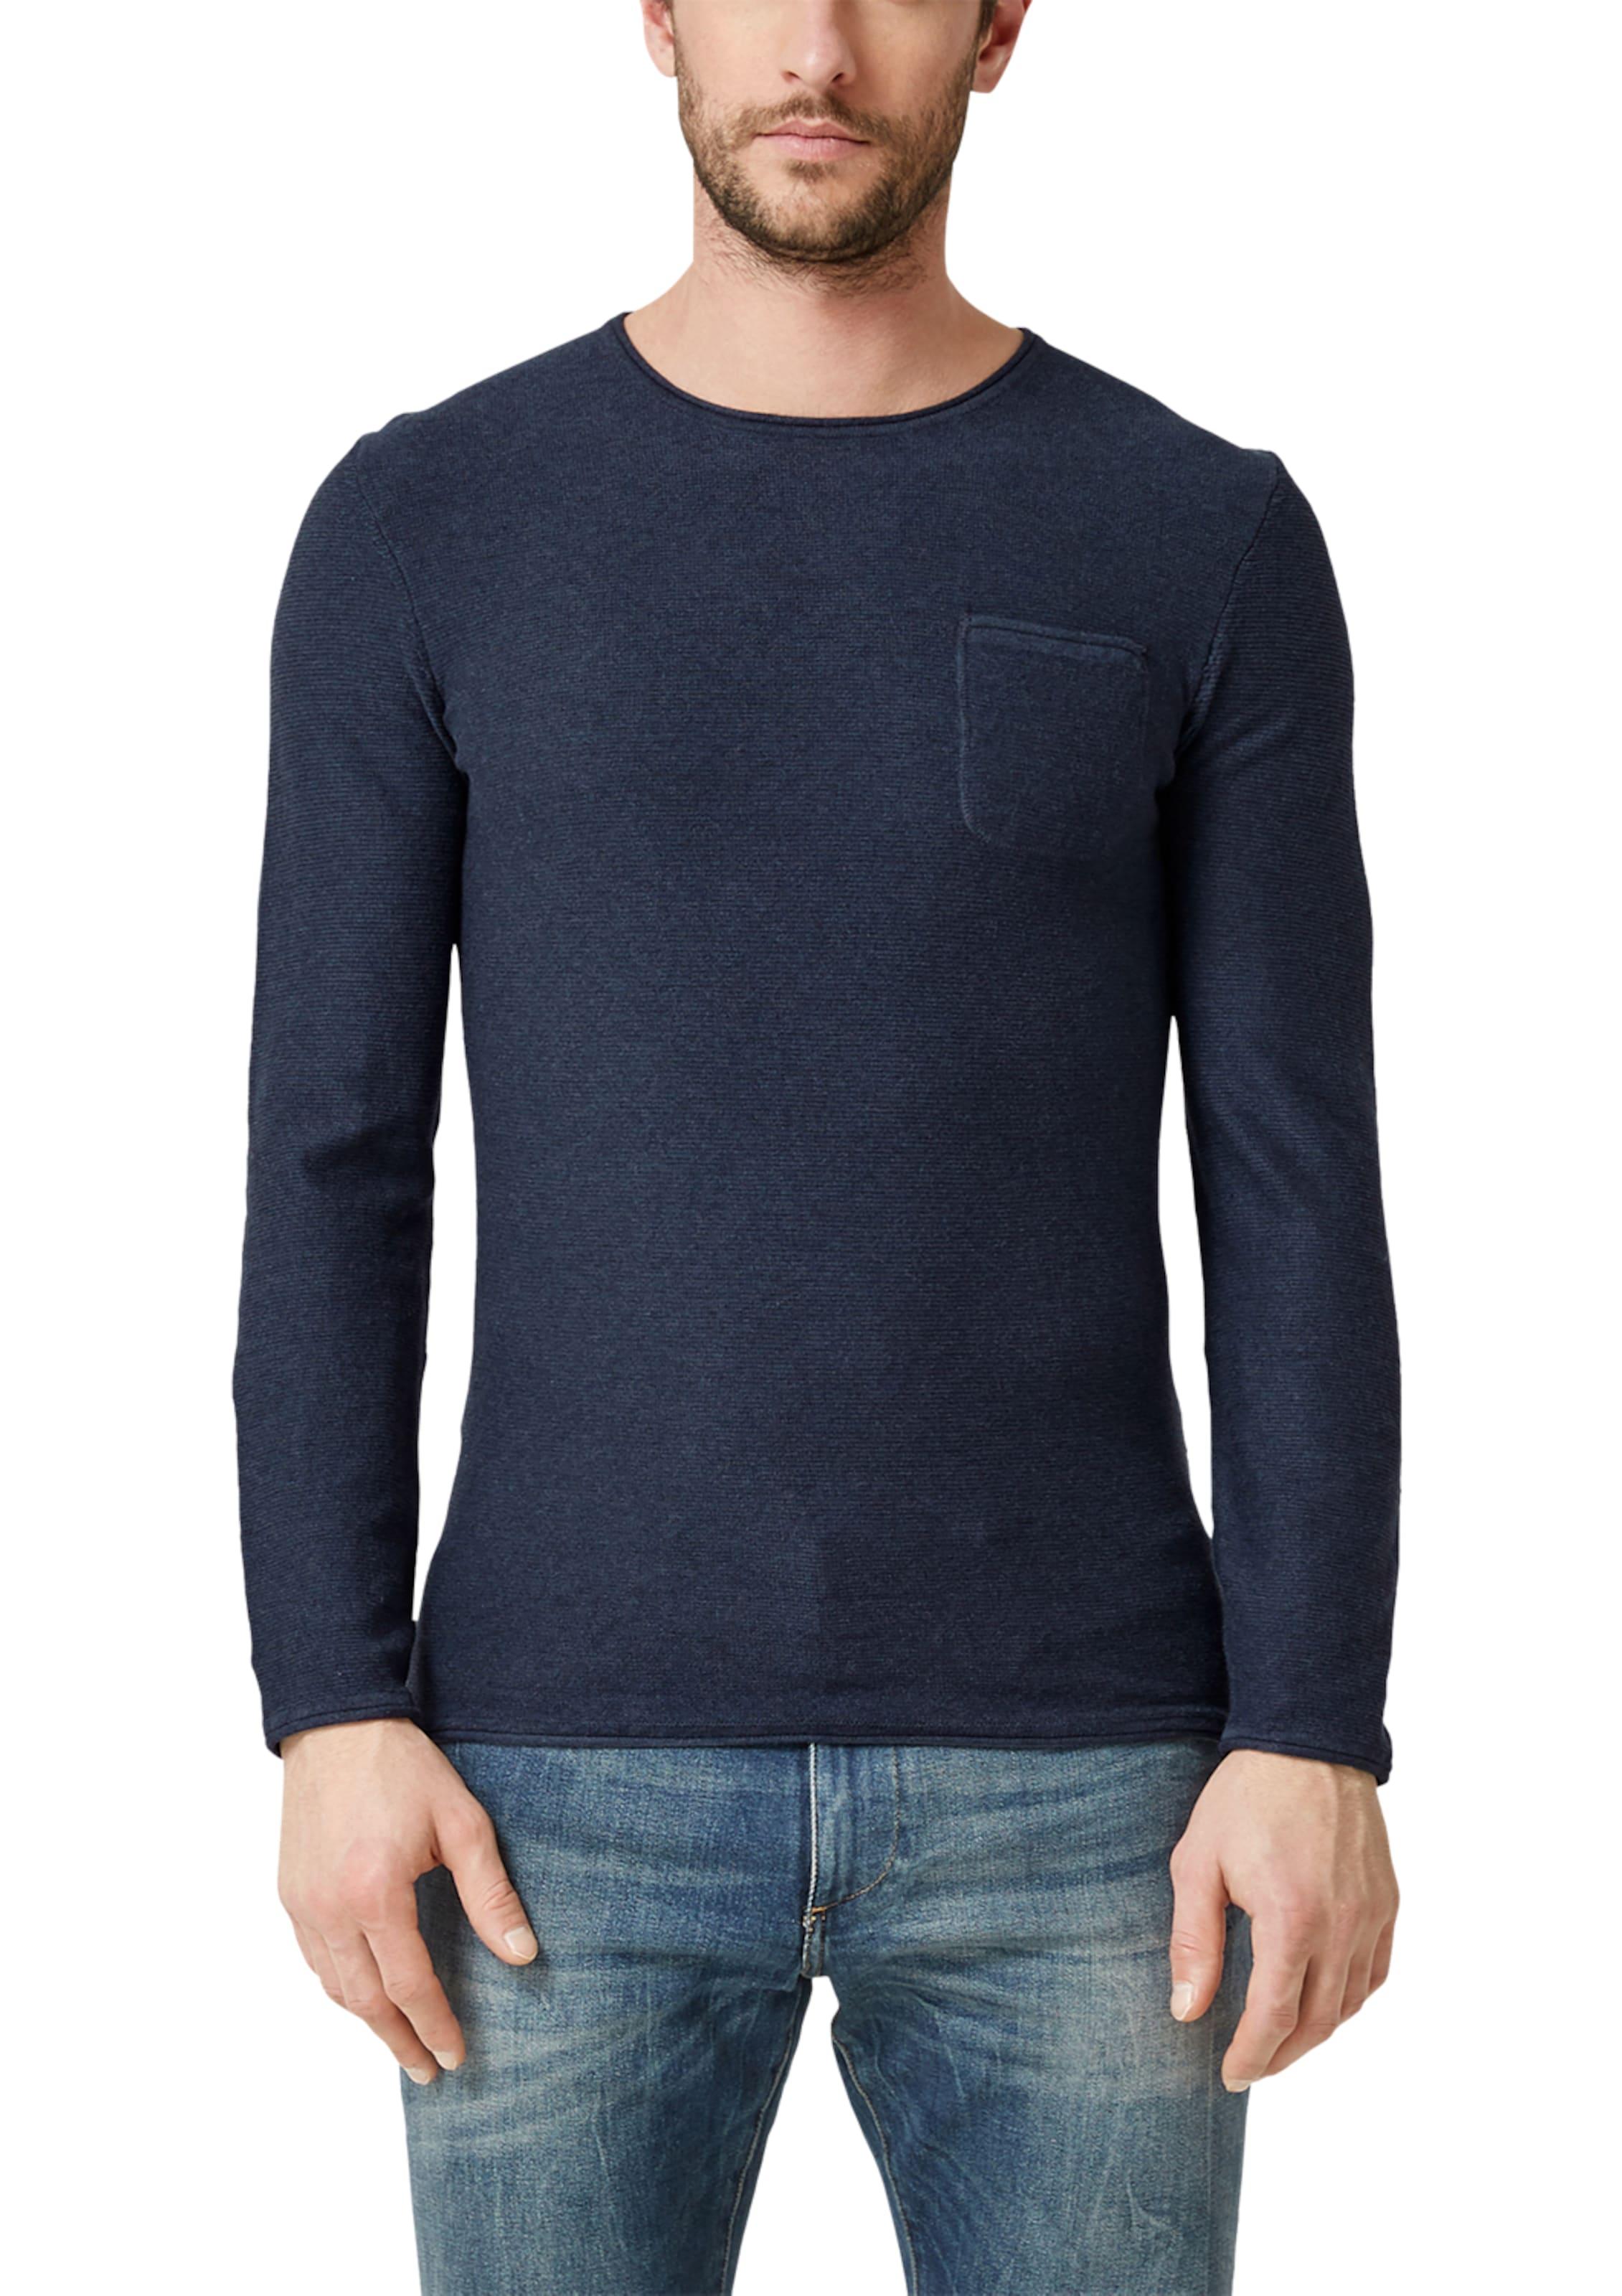 S Pullover Pullover Navy oliver In Pullover Navy S S oliver In oliver In wPiTluOXkZ